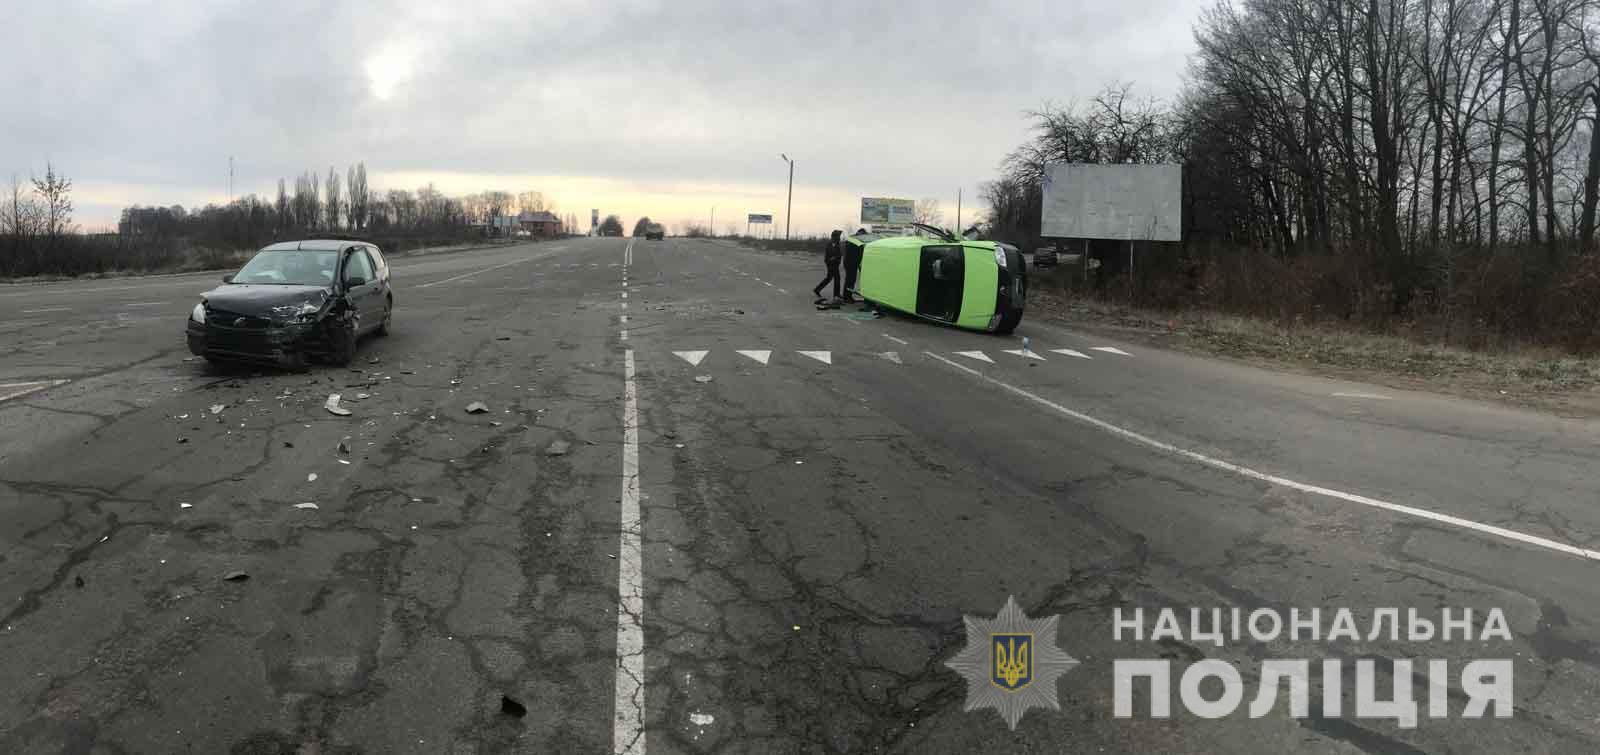 49-річна жінка постраждала у зіткненні двох іномарок у Хмільницькому районі